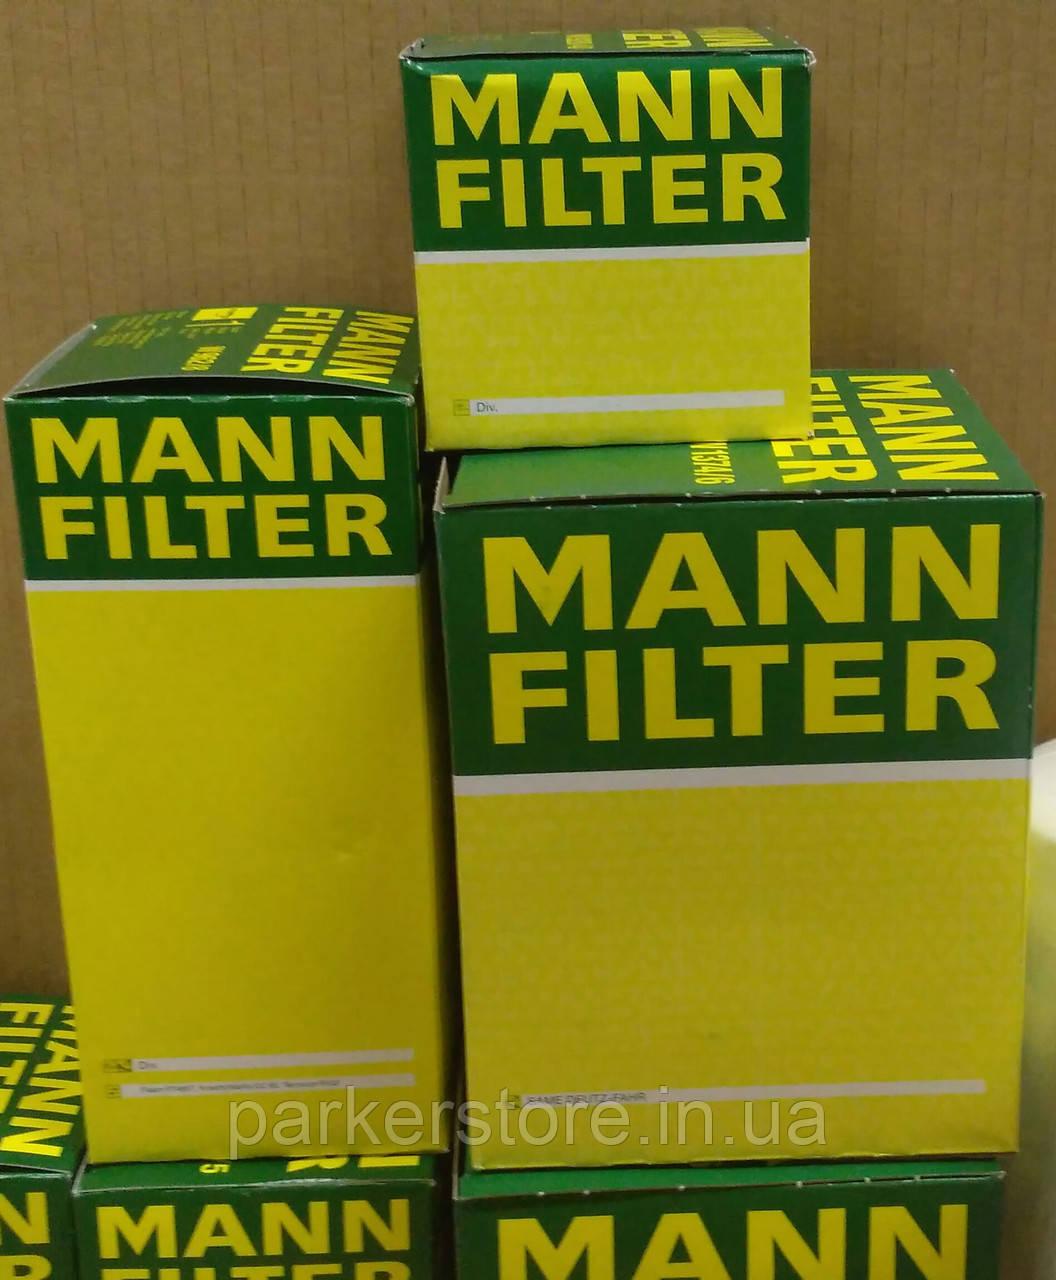 MANN FILTER / Повітряний фільтр / C 24 019 / C24019